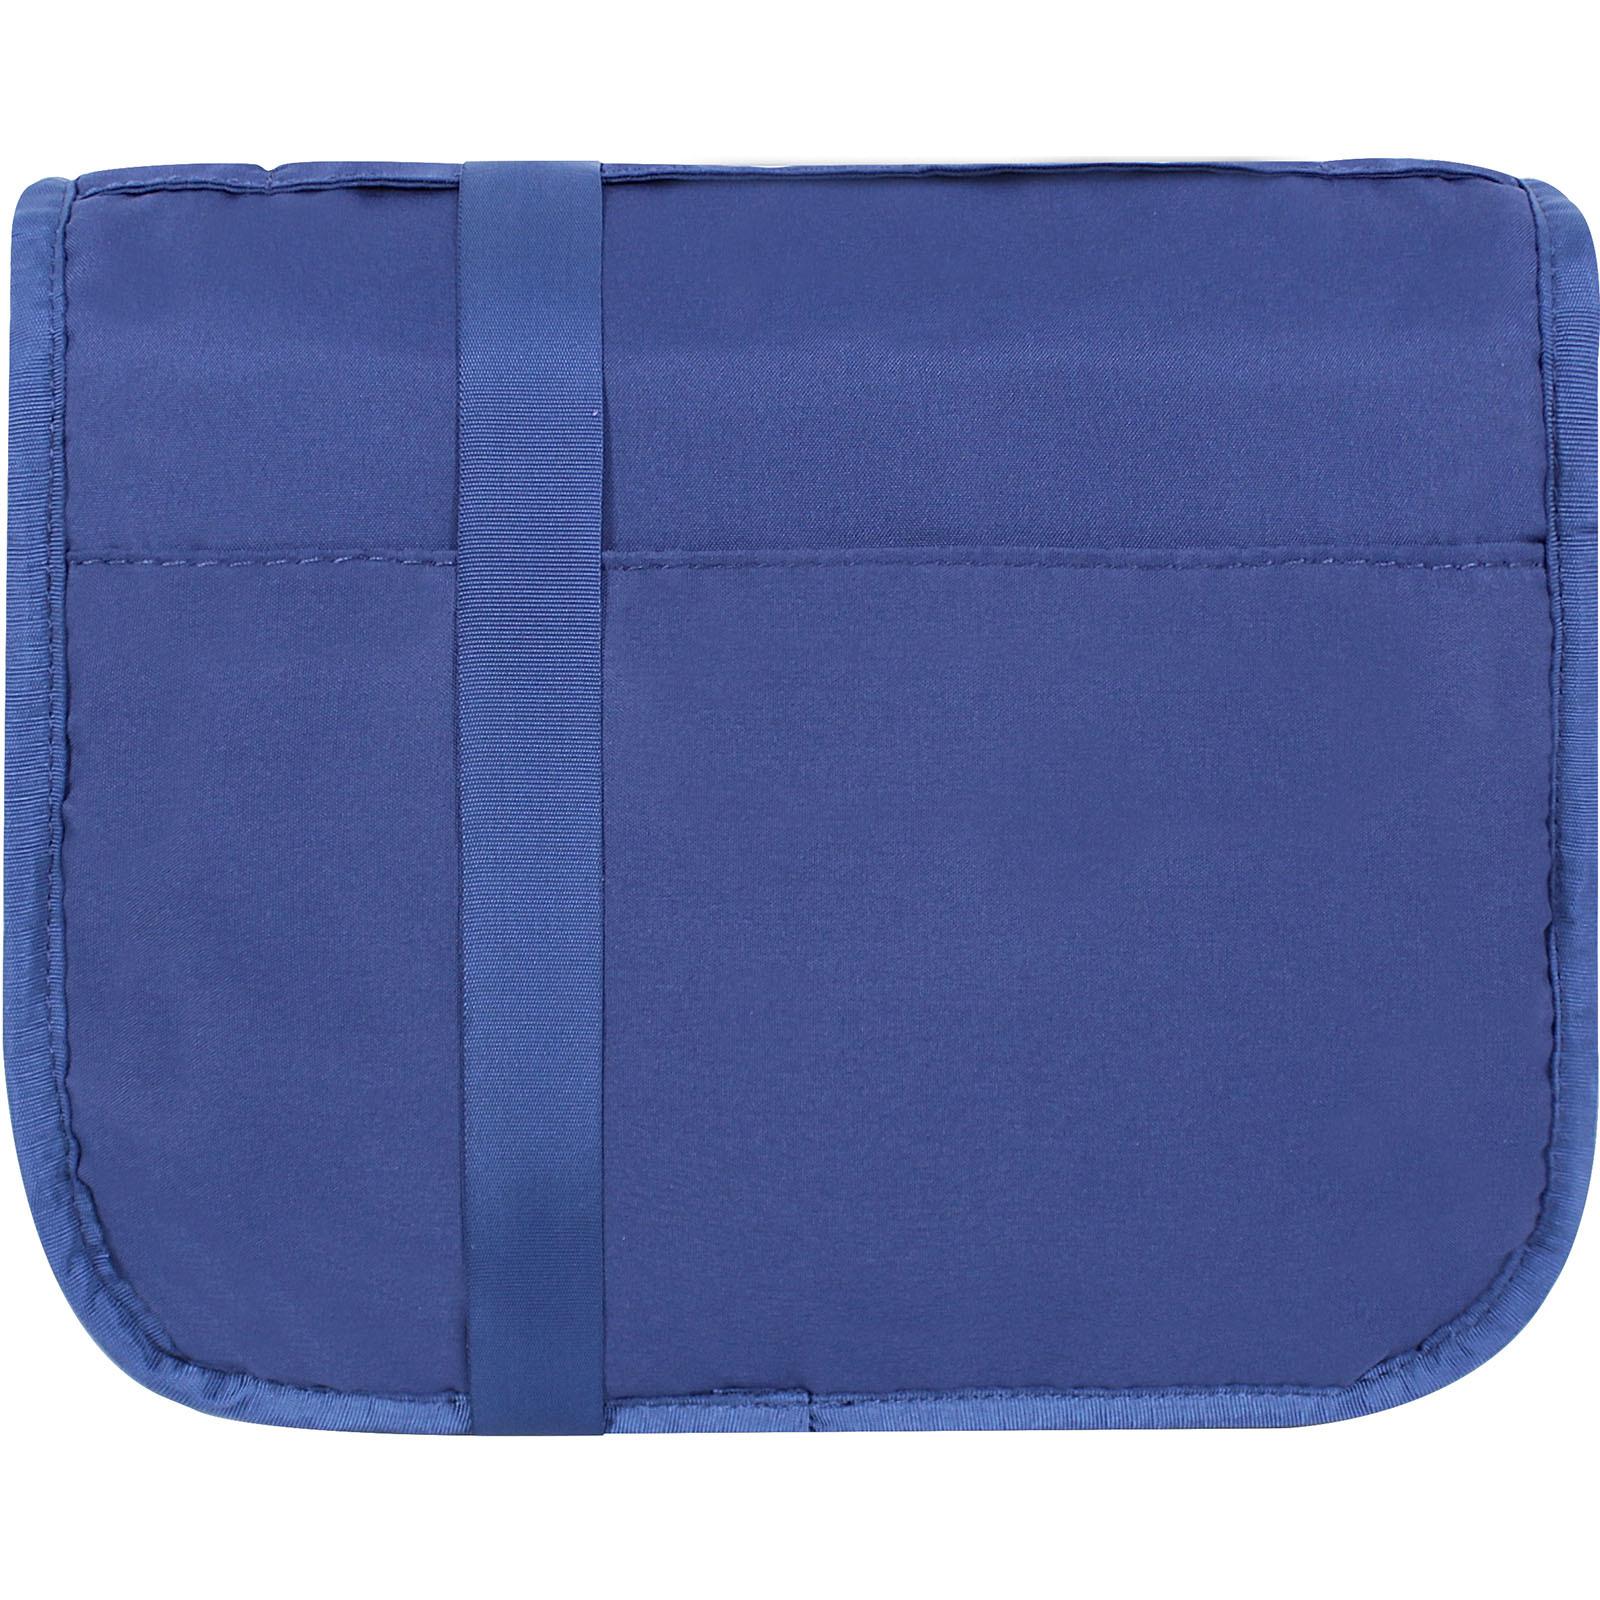 Косметичка Bagland Prestige 4 л. синий (0072315) фото 4